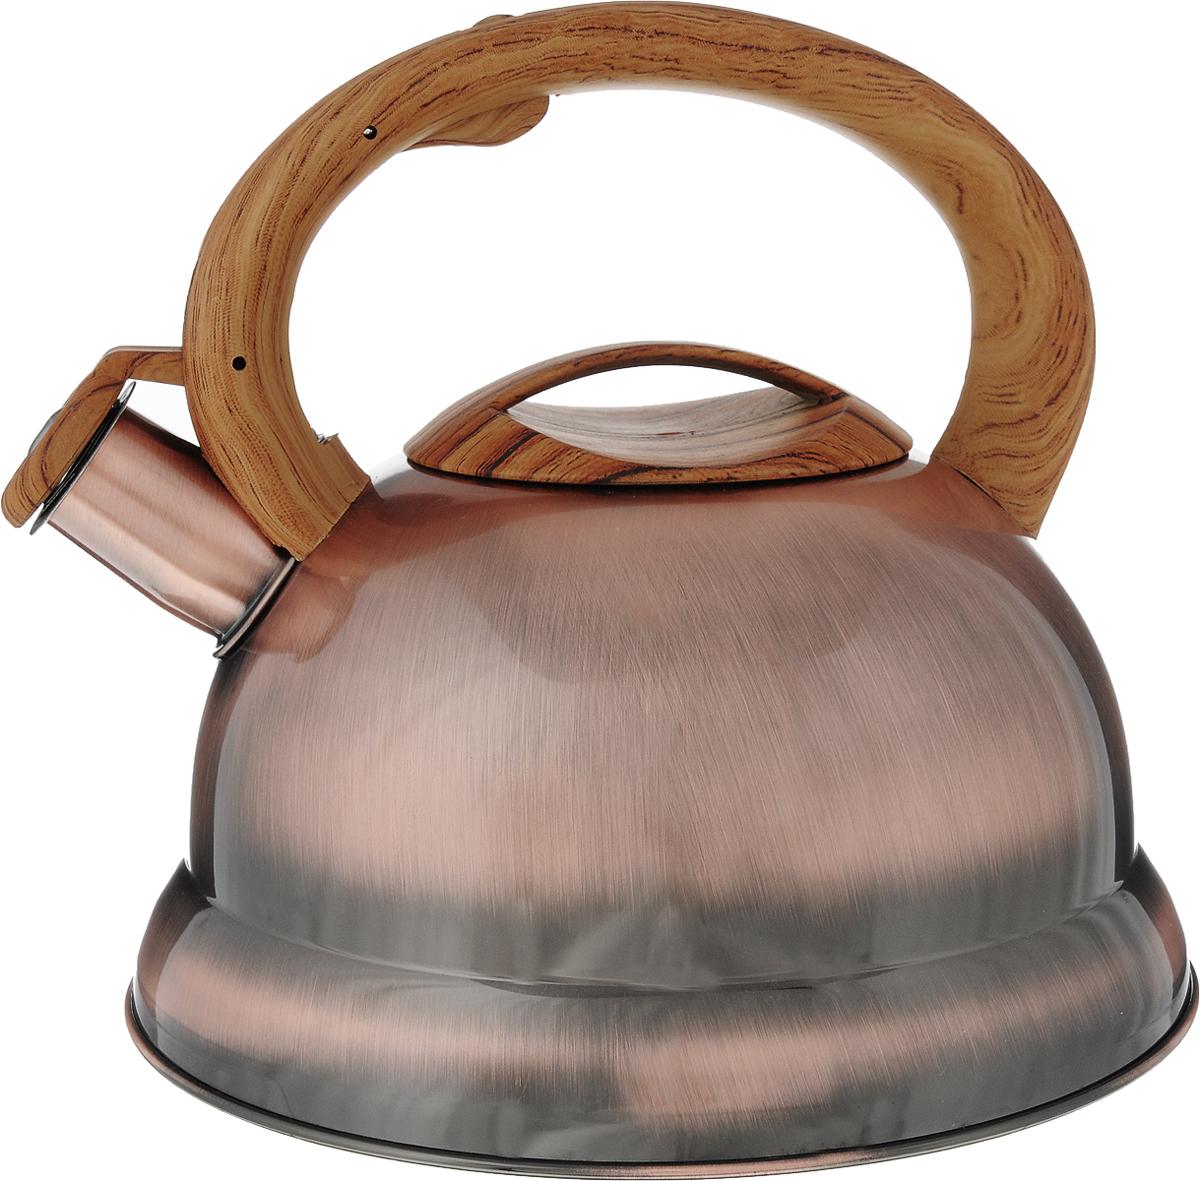 Чайник Bekker, со свистком, цвет: бронзовый, 3,5 л. BK-S413BK-S413/38222Чайник Bekker выполнен из высококачественной нержавеющей стали, что обеспечивает долговечность использования. Внешнее глянцевое покрытие придает приятный внешний вид. Бакелитовая фиксированная ручка делает использование чайника очень удобным и безопасным. Крышка и ручка декорированы под дерево. Чайник снабжен свистком и устройством для открывания носика, которое находится на ручке. Изделие оснащено цельнометаллическим дном, что способствует медленному остыванию чайника.Можно мыть в посудомоечной машине. Пригоден для всех видов плит, включая индукционные.Диаметр чайника по верхнему краю: 9,5 см. Высота чайника (без учета крышки и ручки): 13 см.Высота чайника (с учетом ручки): 20 см.